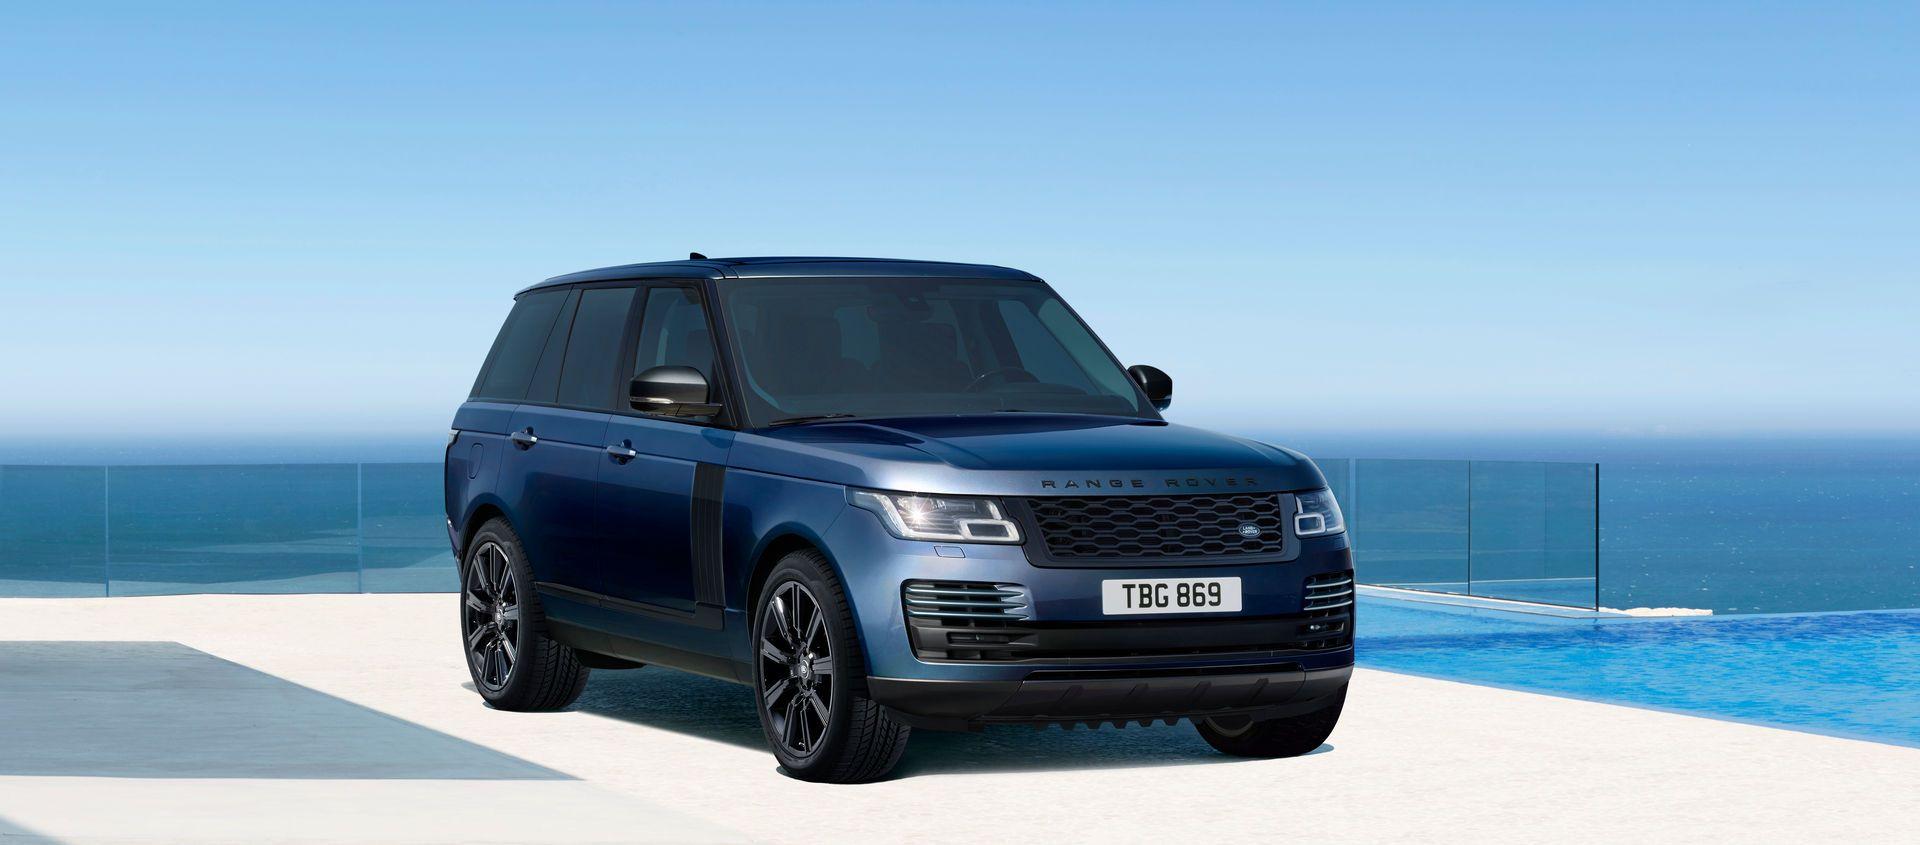 2021-Range-Rover-46